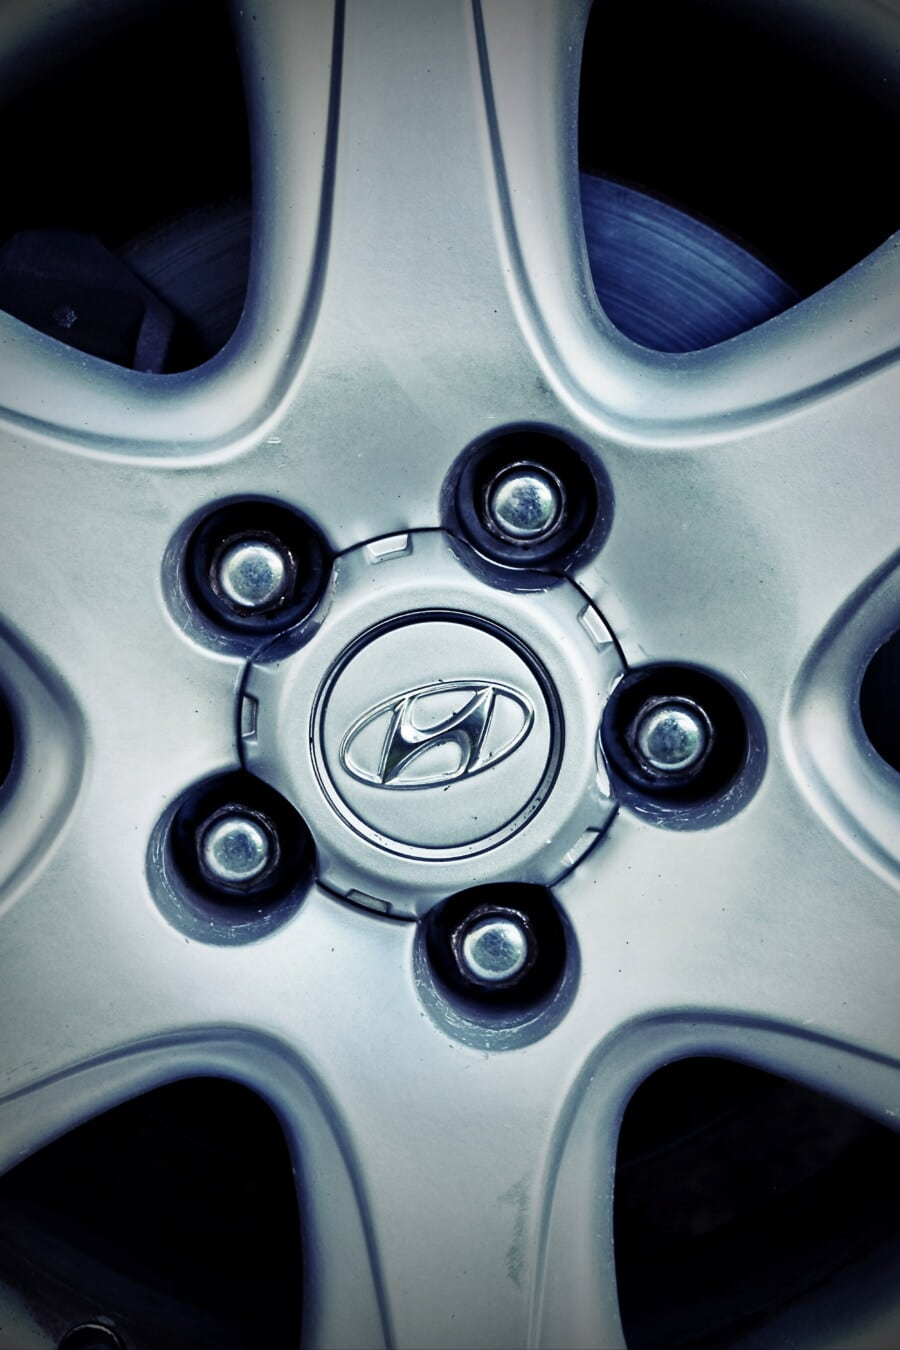 Aluminium, Legierung, glänzend, metallische, Felge, glänzend, Auto, Chrom, Rad, automotive